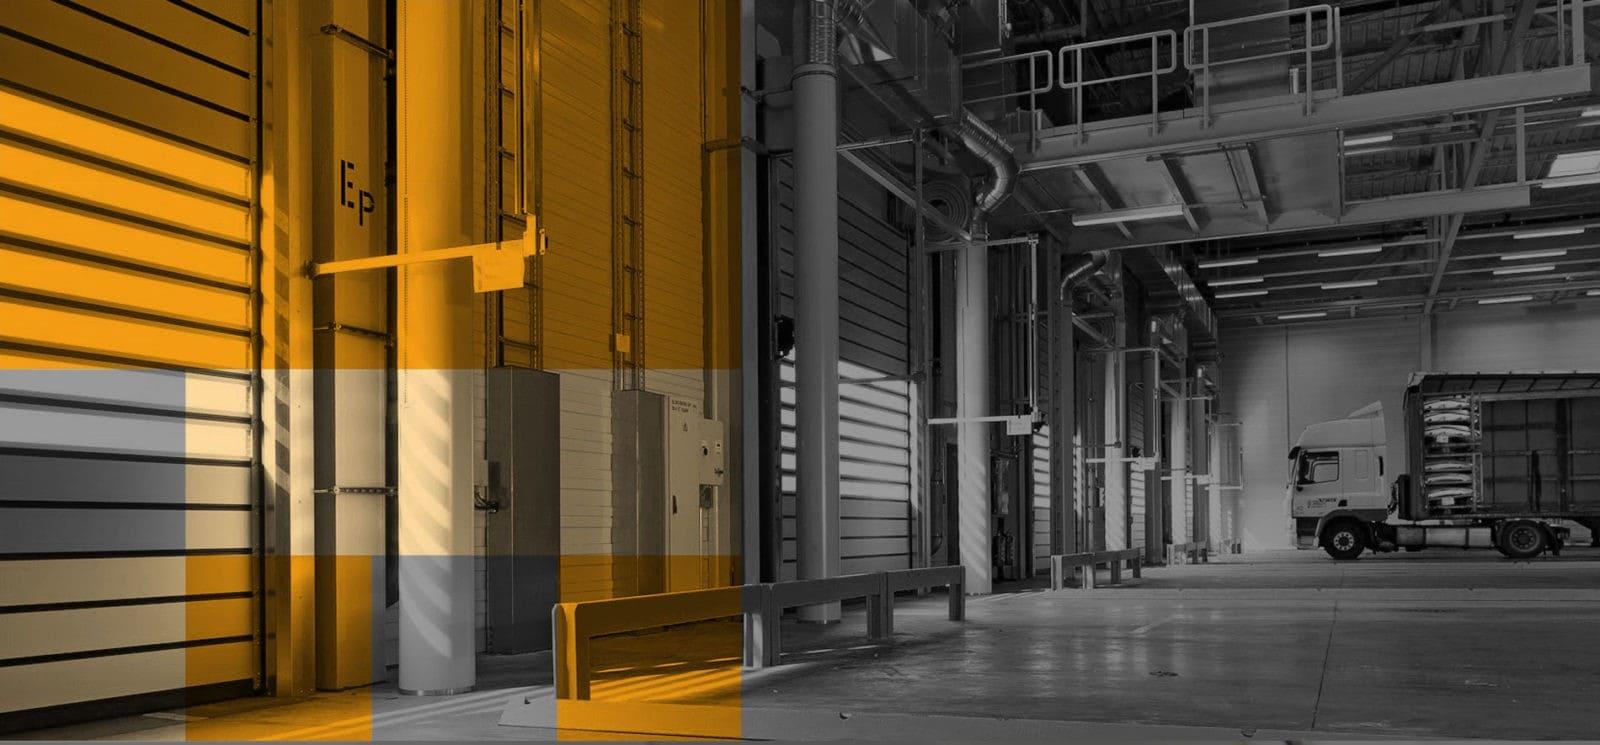 Разработка названия бренда дистрибьютора немецкой строительной химии